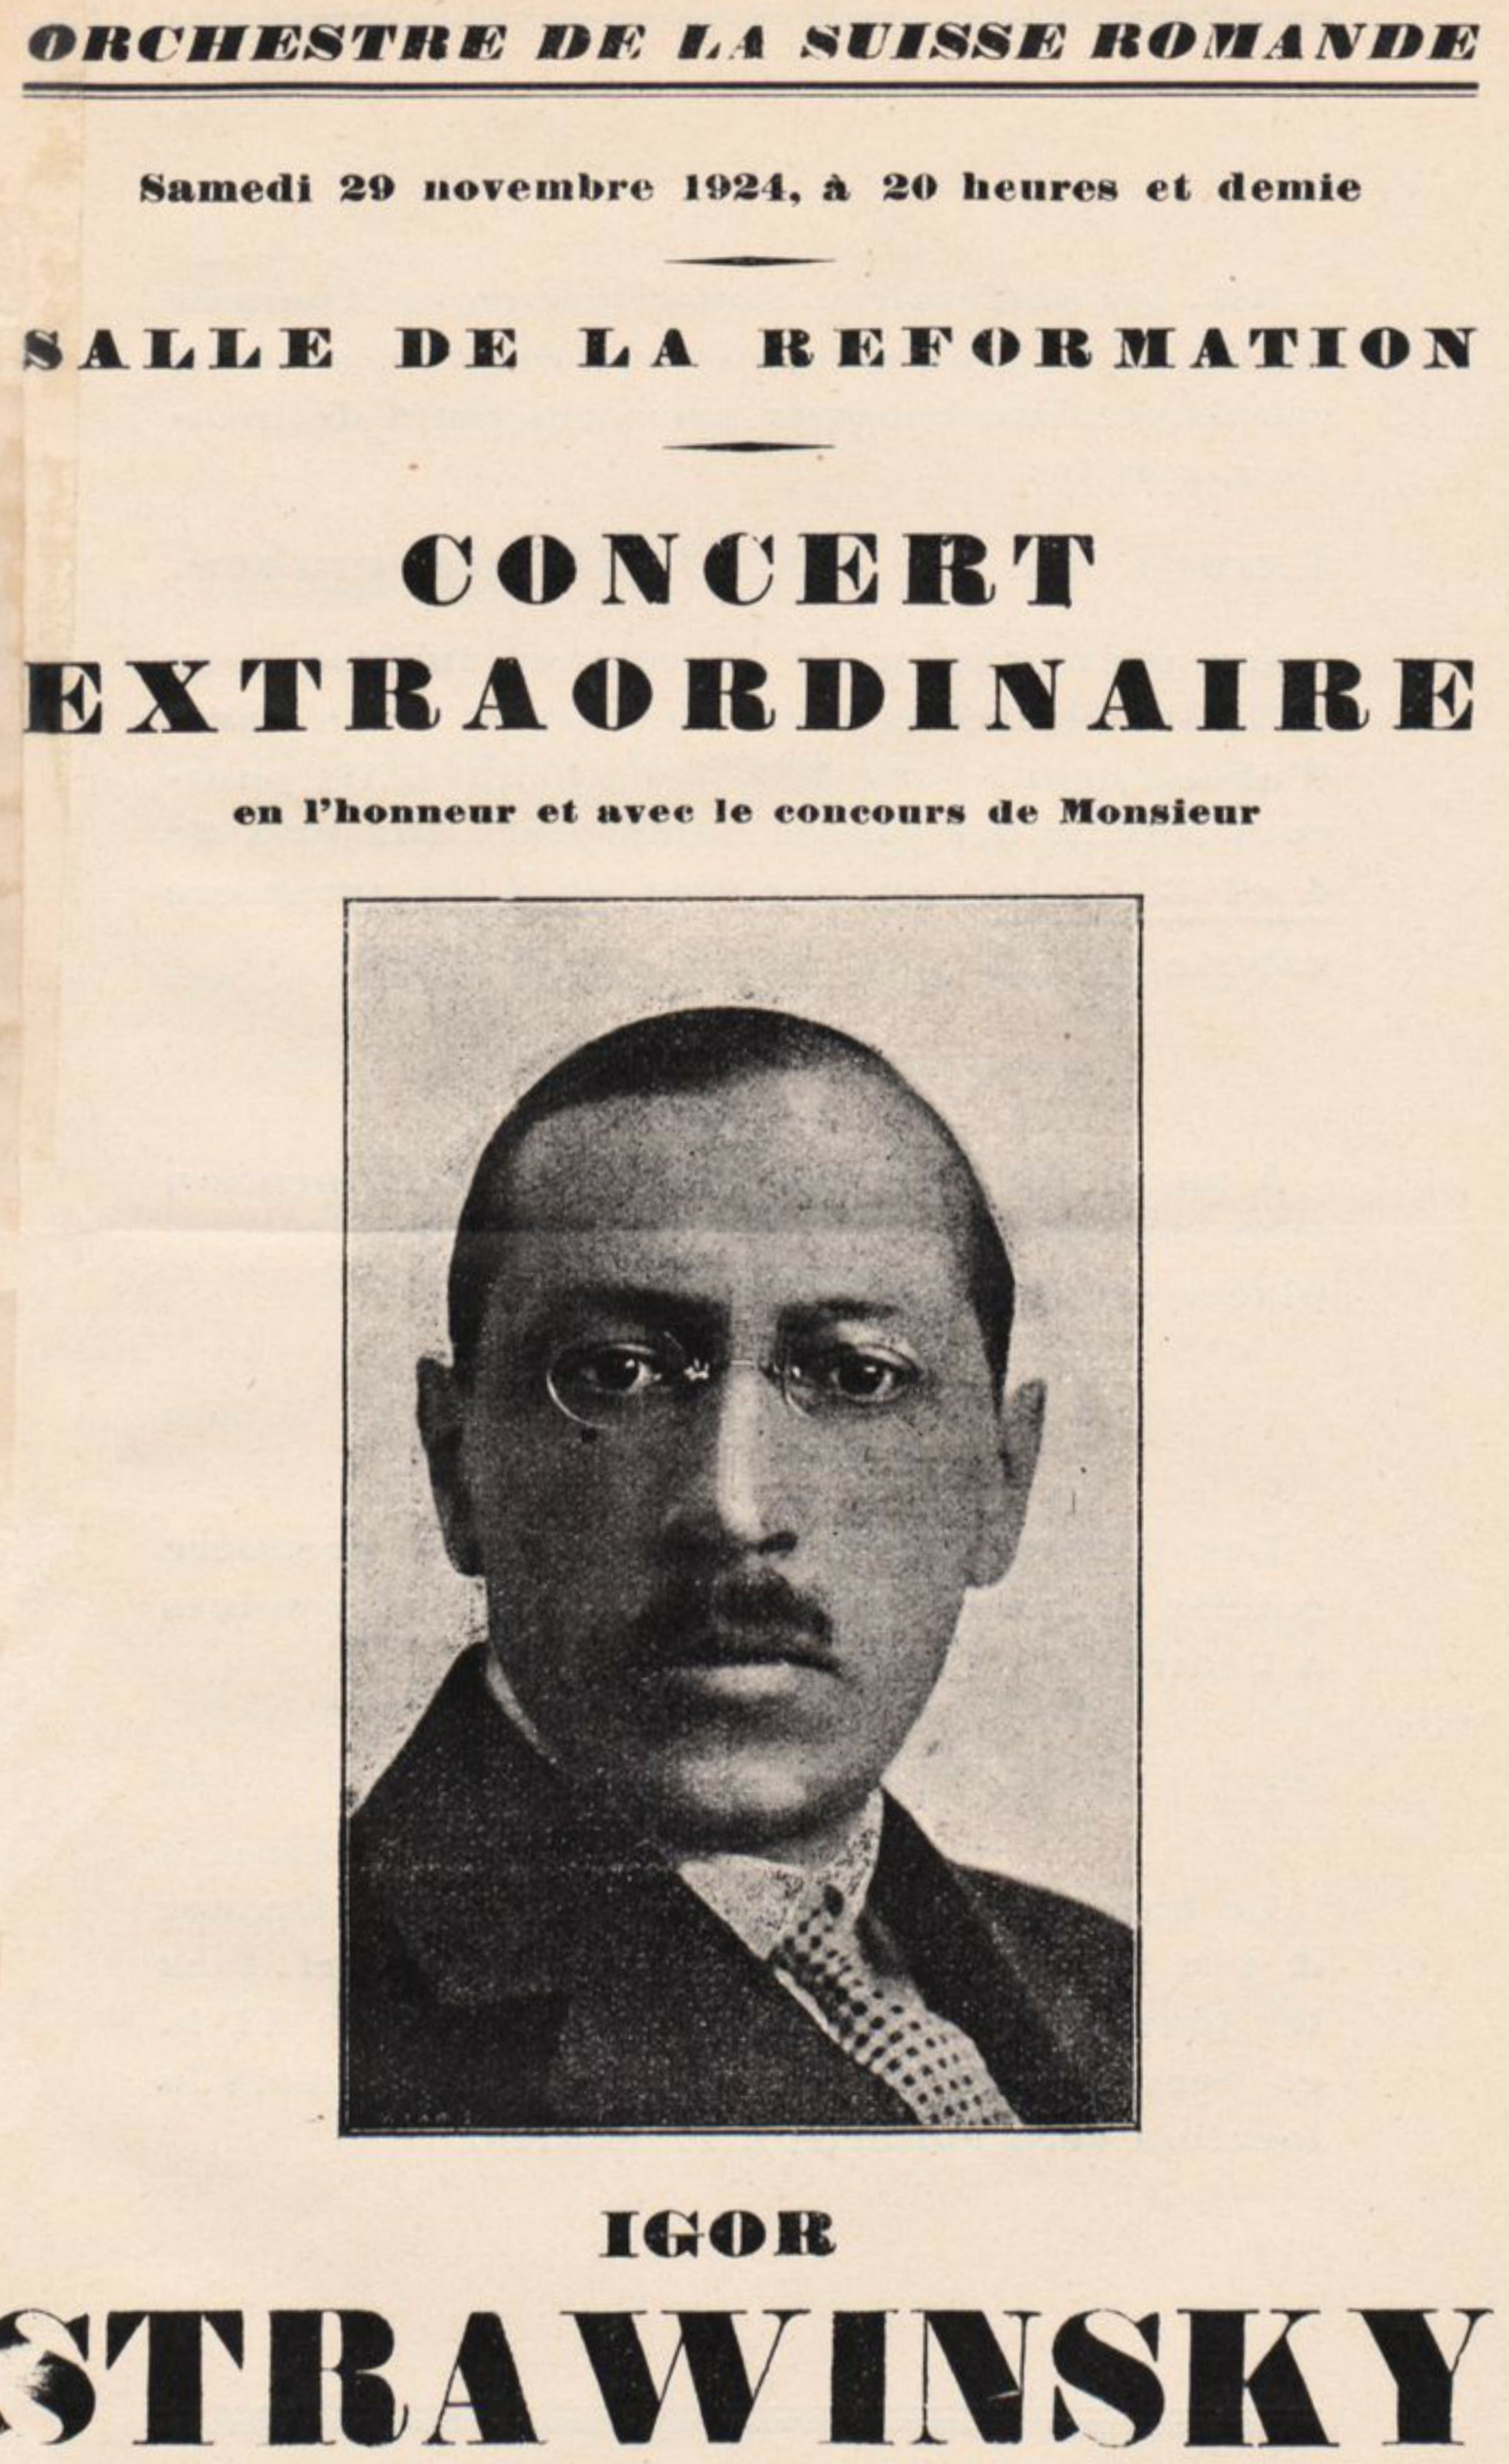 1ère page de la brochure d'annonce du concert